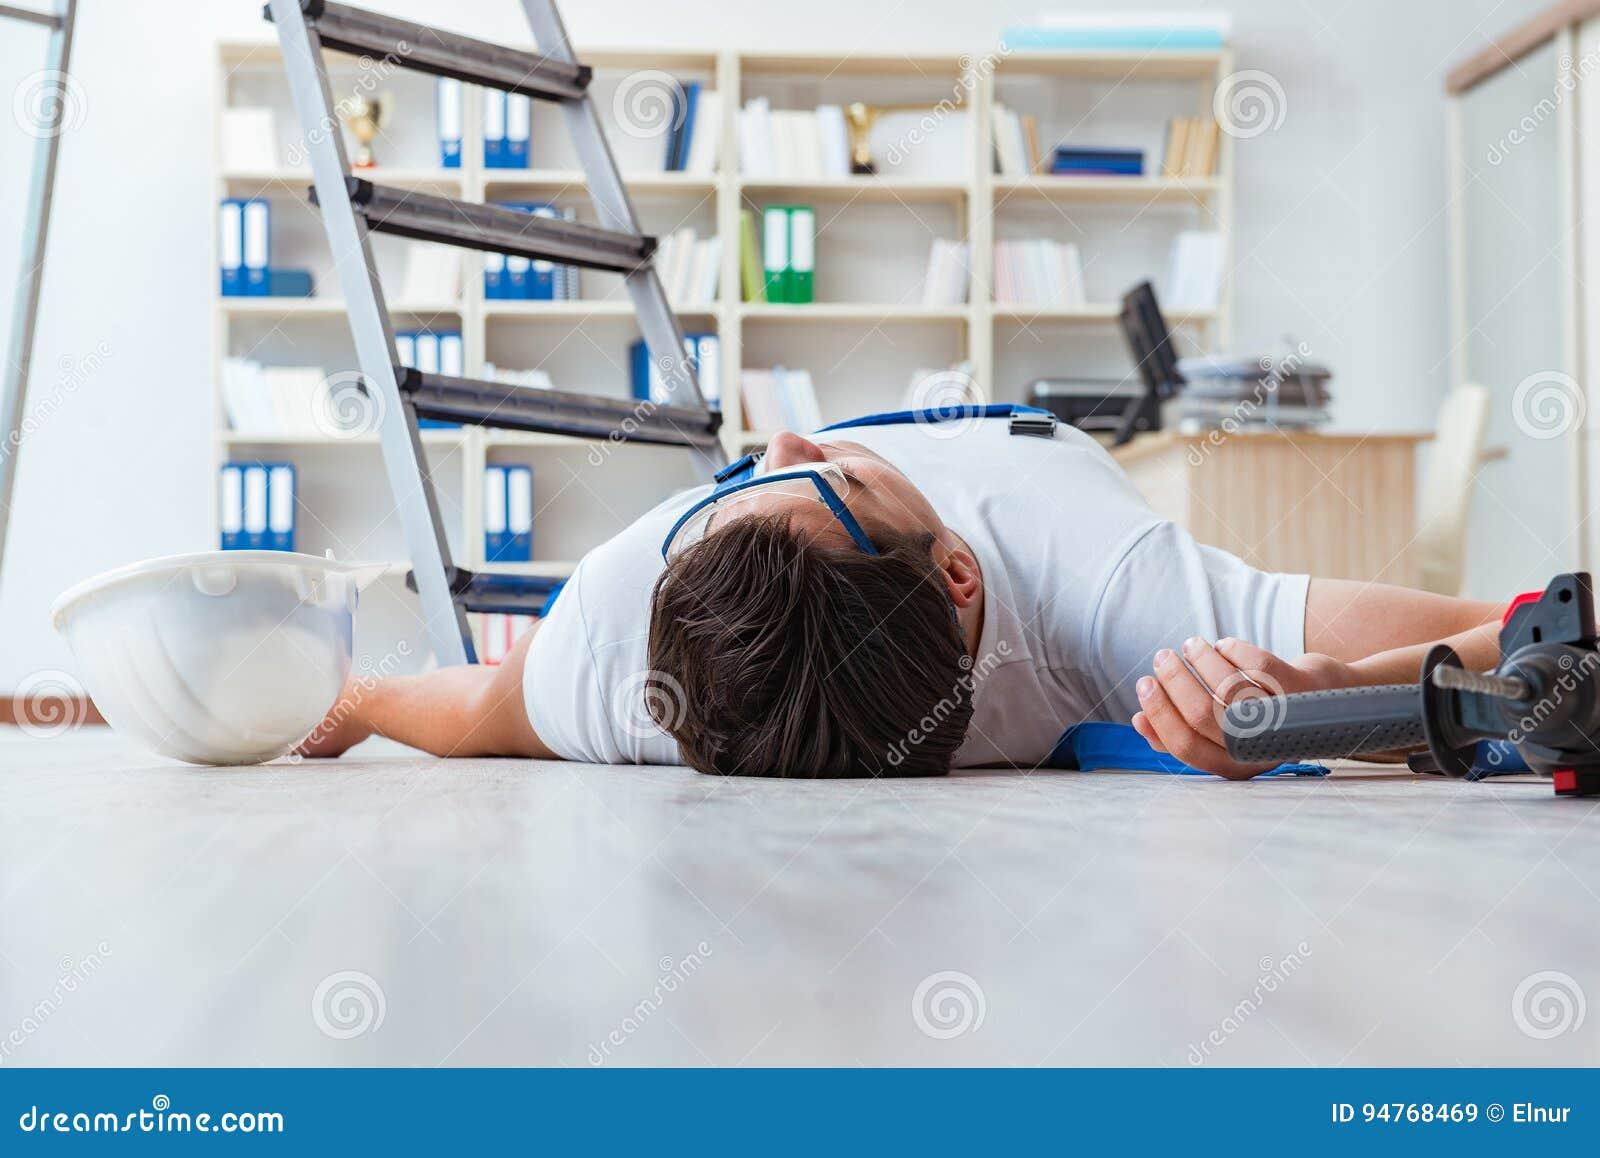 Ο εργαζόμενος μετά από να πέσει από το ύψος - επισφαλής συμπεριφορά